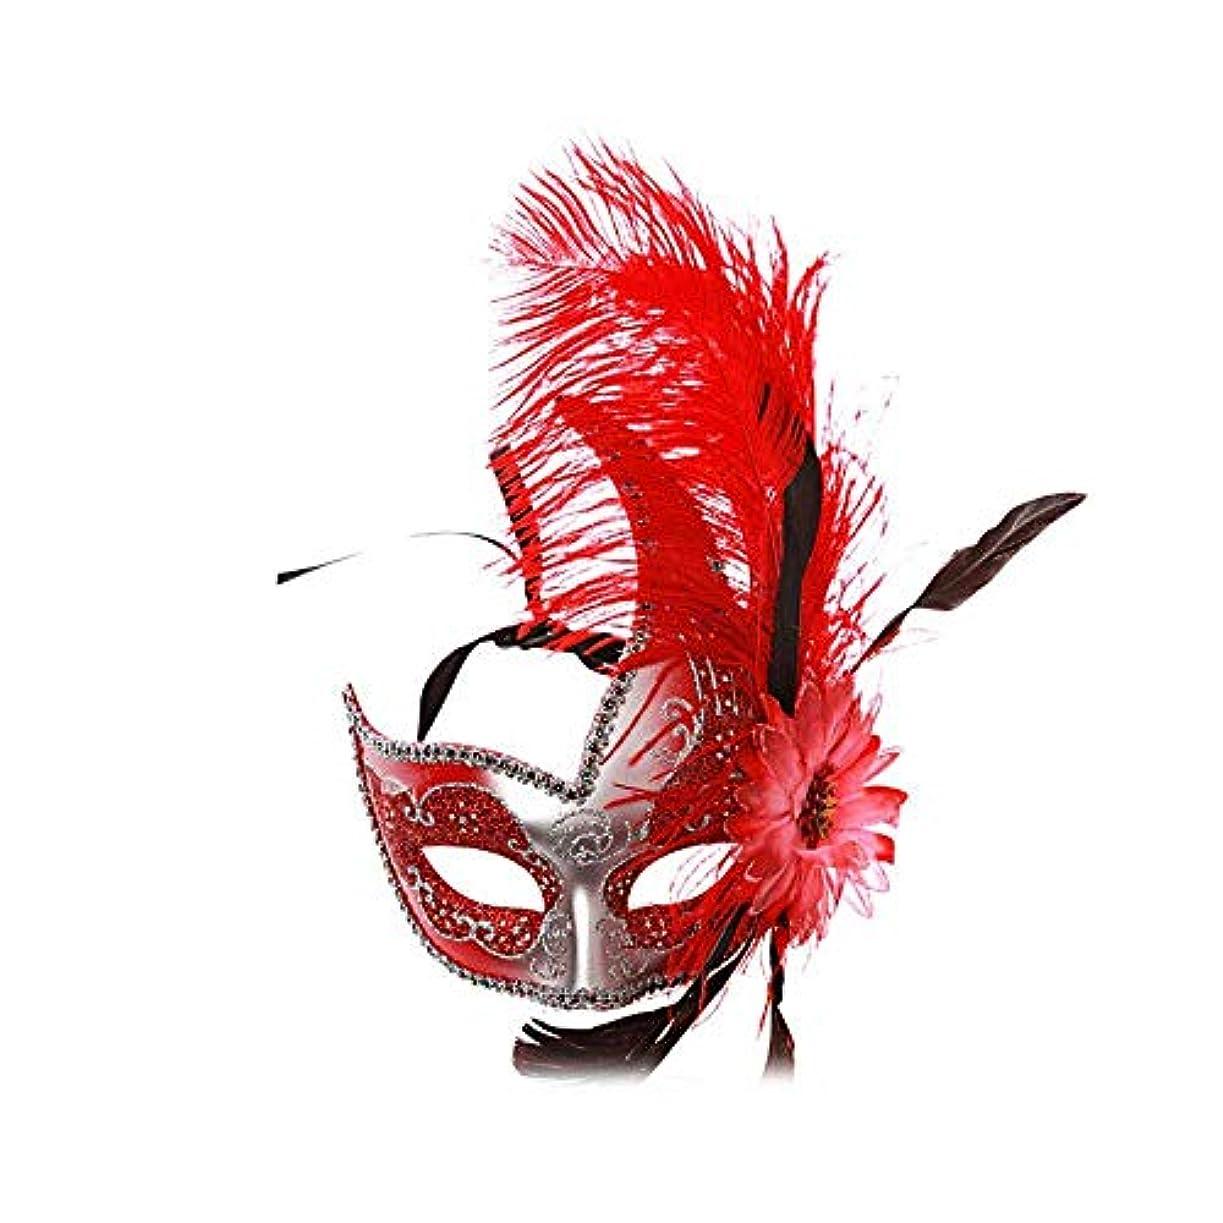 鳩電気陽性継続中Nanle ハロウィンマスクハーフフェザーマスクベニスプリンセスマスク美容レース仮面ライダーコスプレ (色 : Style B red)